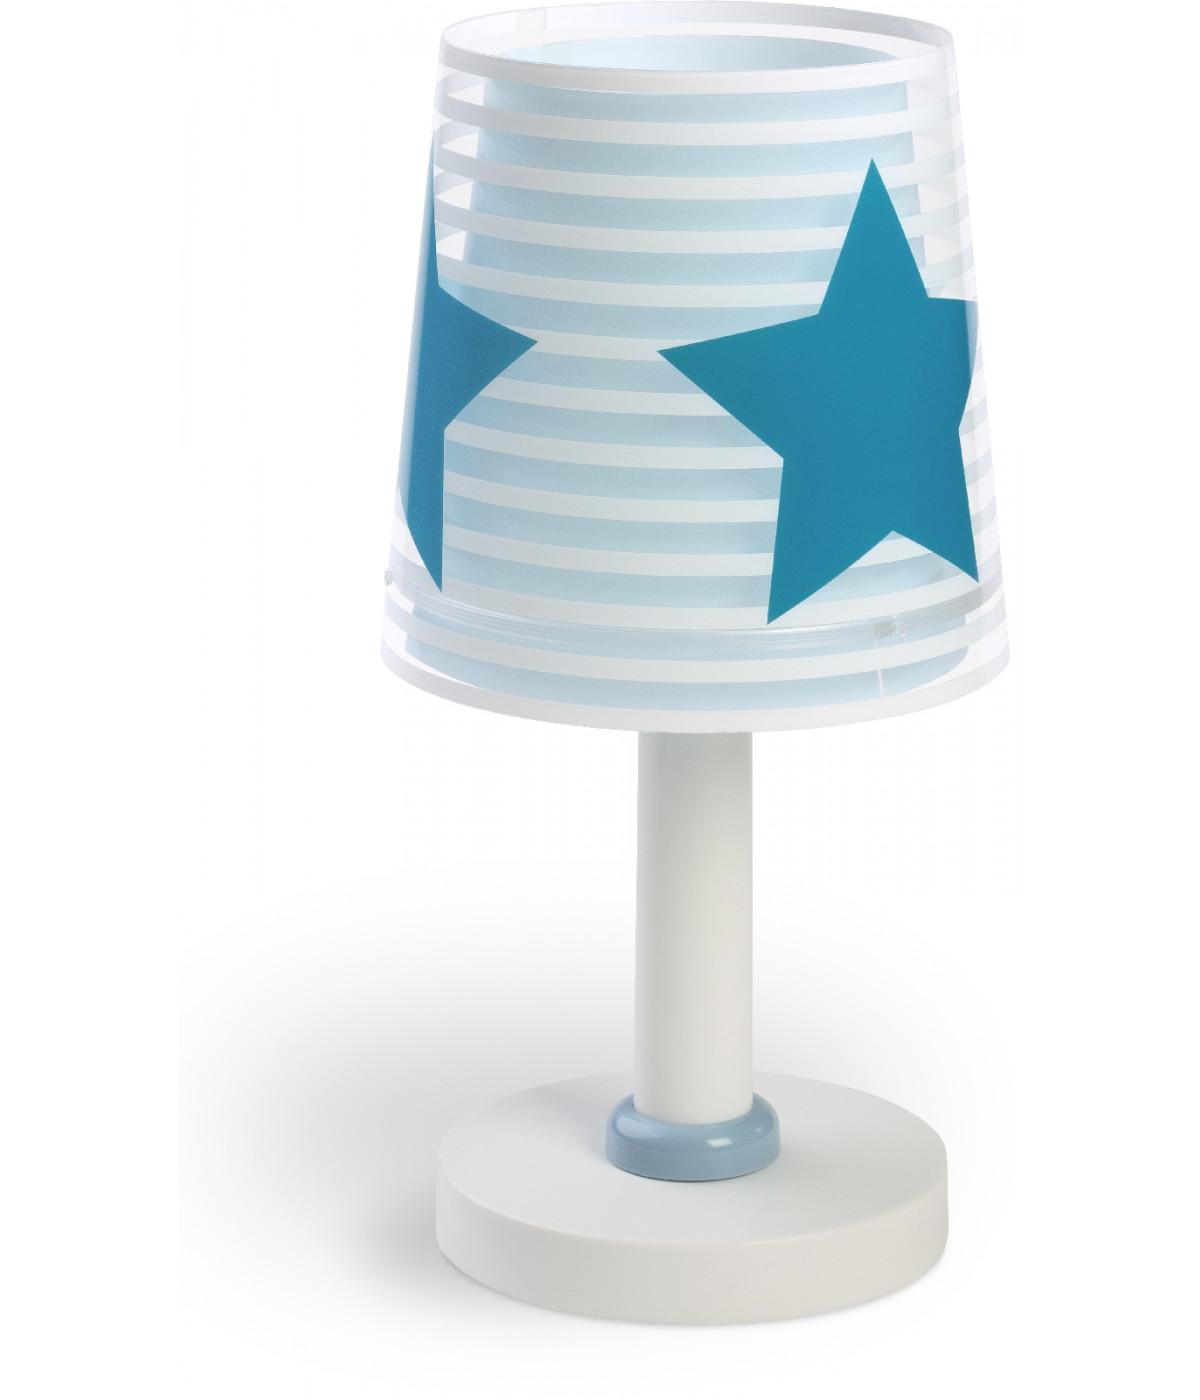 Table lamp for Kids Light Feeling blue